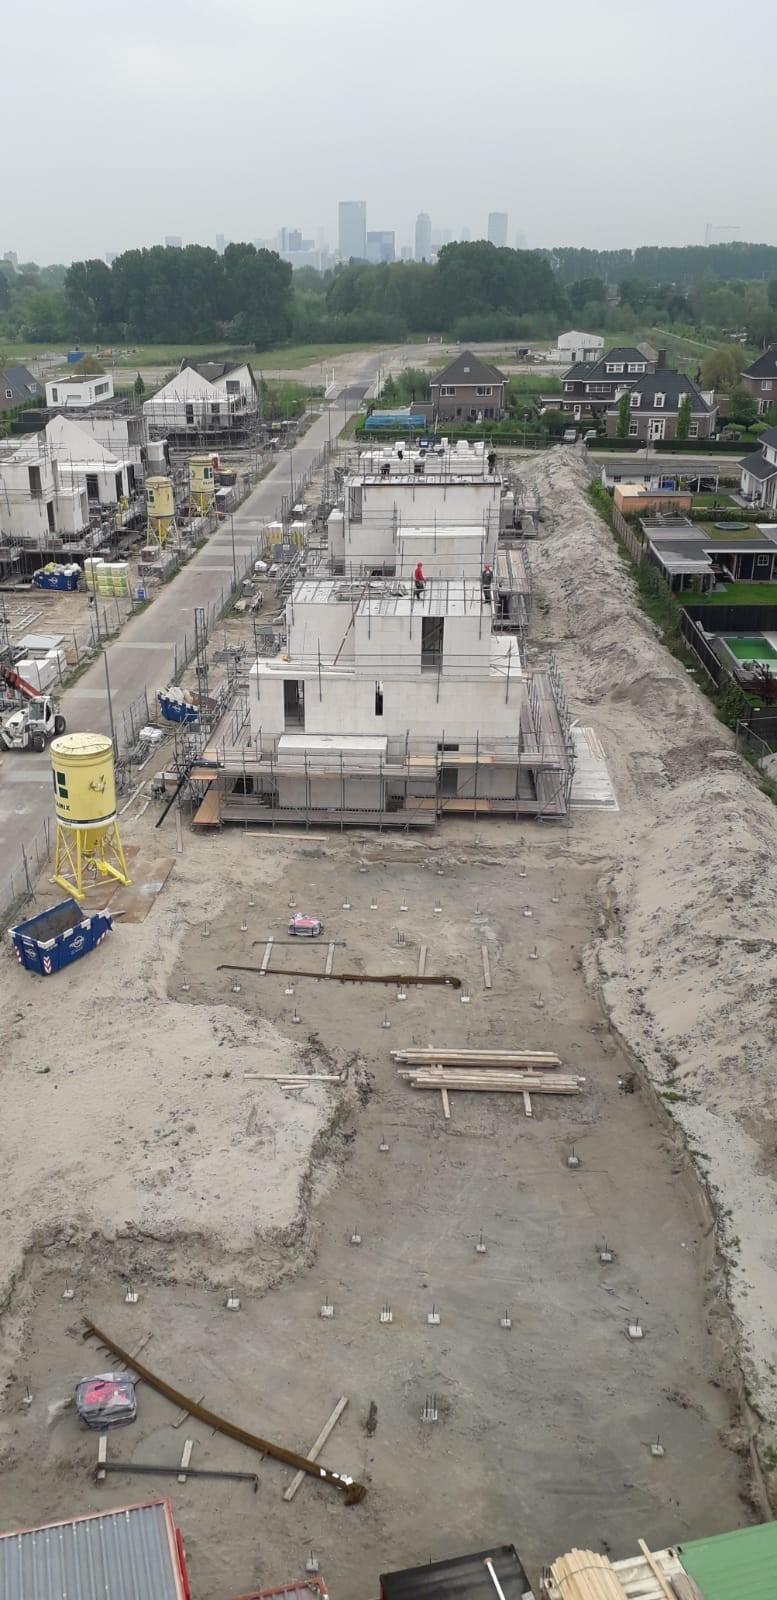 Bwnr. 3 en 4 (fase 2) heipalen aangebracht en bwnr. 5 en 7 (fase 1) werkzaamheden dakvloer